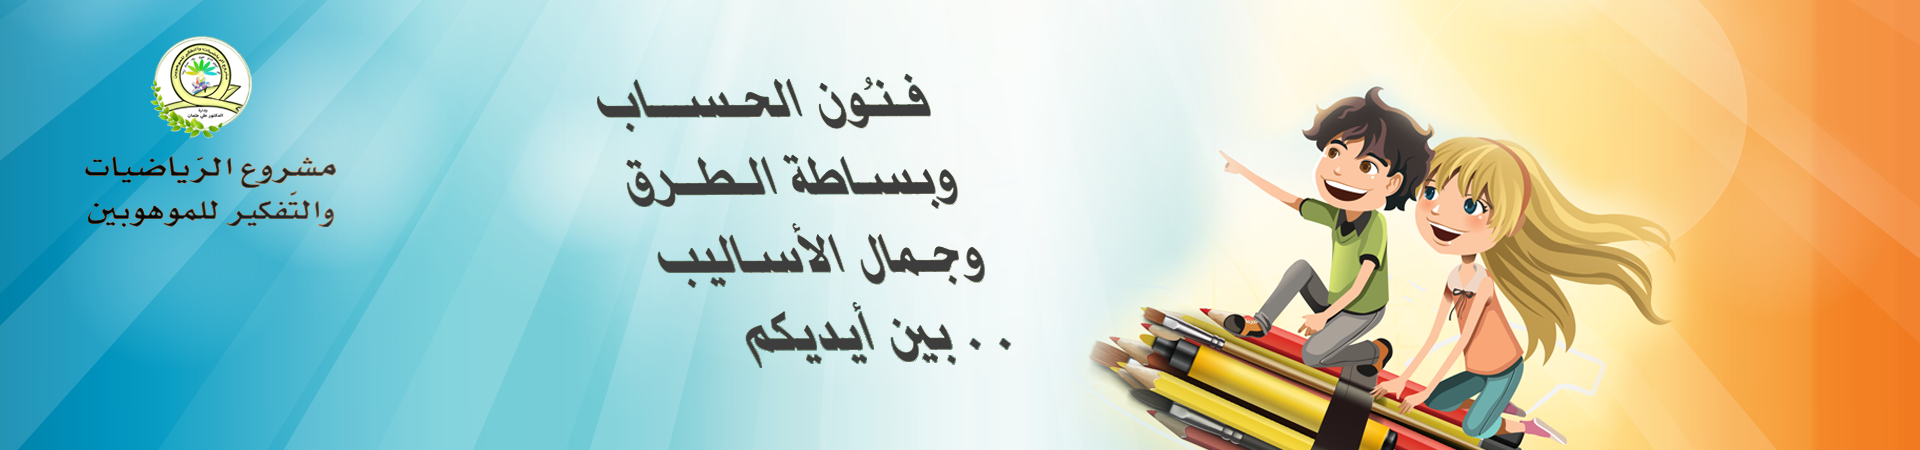 Image result for مشروع الرياضيات والتفكير للموهوبين